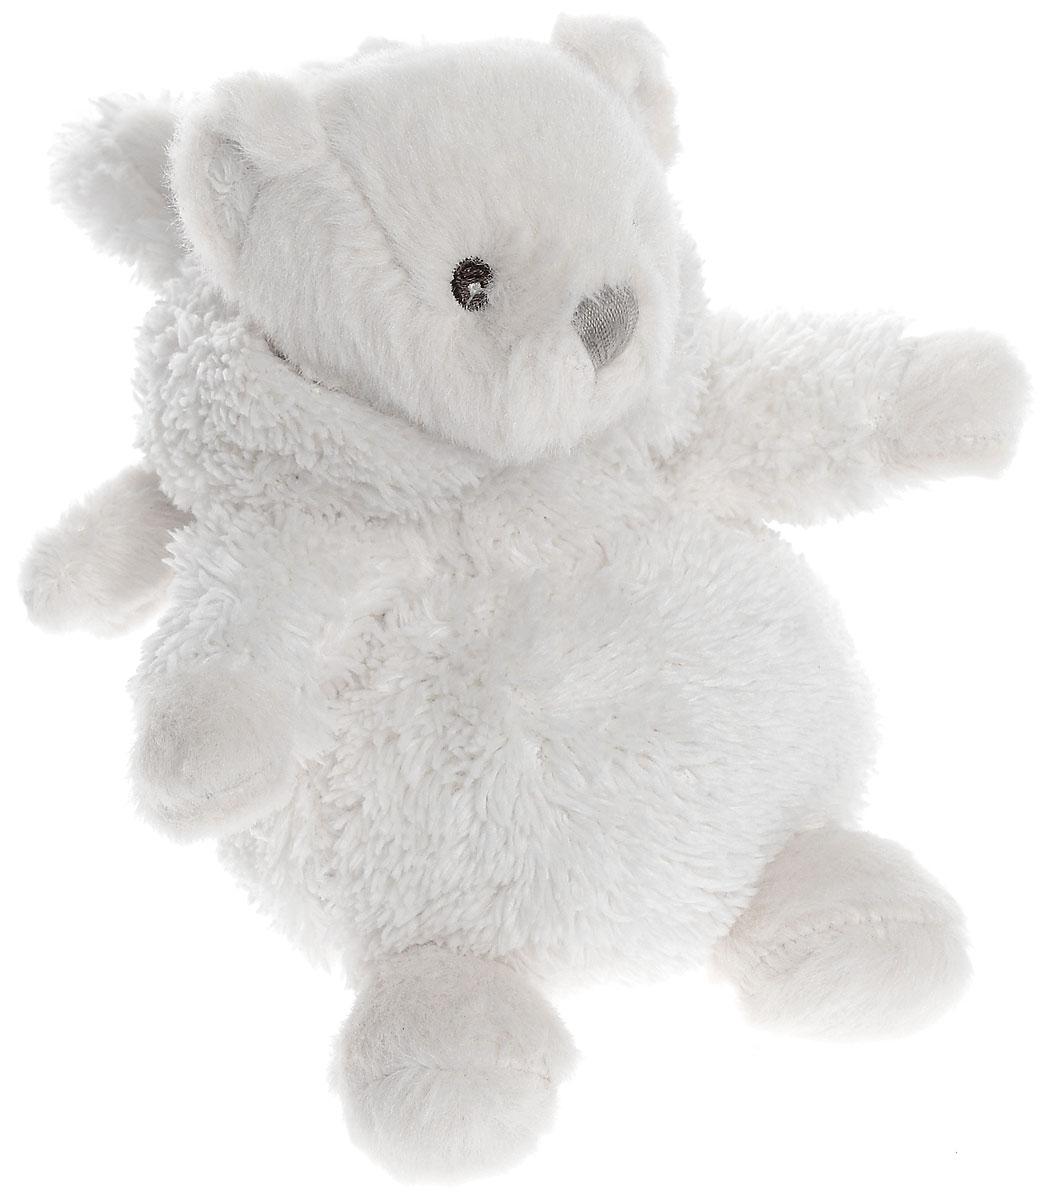 Объект мечты Мягкая игрушка Ангельский мишка 18 см82806Очаровательная мягкая игрушка Объект мечты Ангельский мишка не оставит вас равнодушными и вызовет улыбку у каждого, кто ее увидит. Игрушка выполнена из полиэстера в виде милого трогательного зайчика. Зайчик легко превращается в мишку, достаточно лишь снять капюшон с заячьими ушами. У зайчика за спиной - маленькие крылья, ведь он - ангельский и создан для полета вашей мечты! Петля из атласной ленты на спинке зайчика позволяет ему удобно расположиться там, где захочется. Мягкая и приятная на ощупь игрушка станет замечательным подарком, который вызовет массу положительных эмоций.